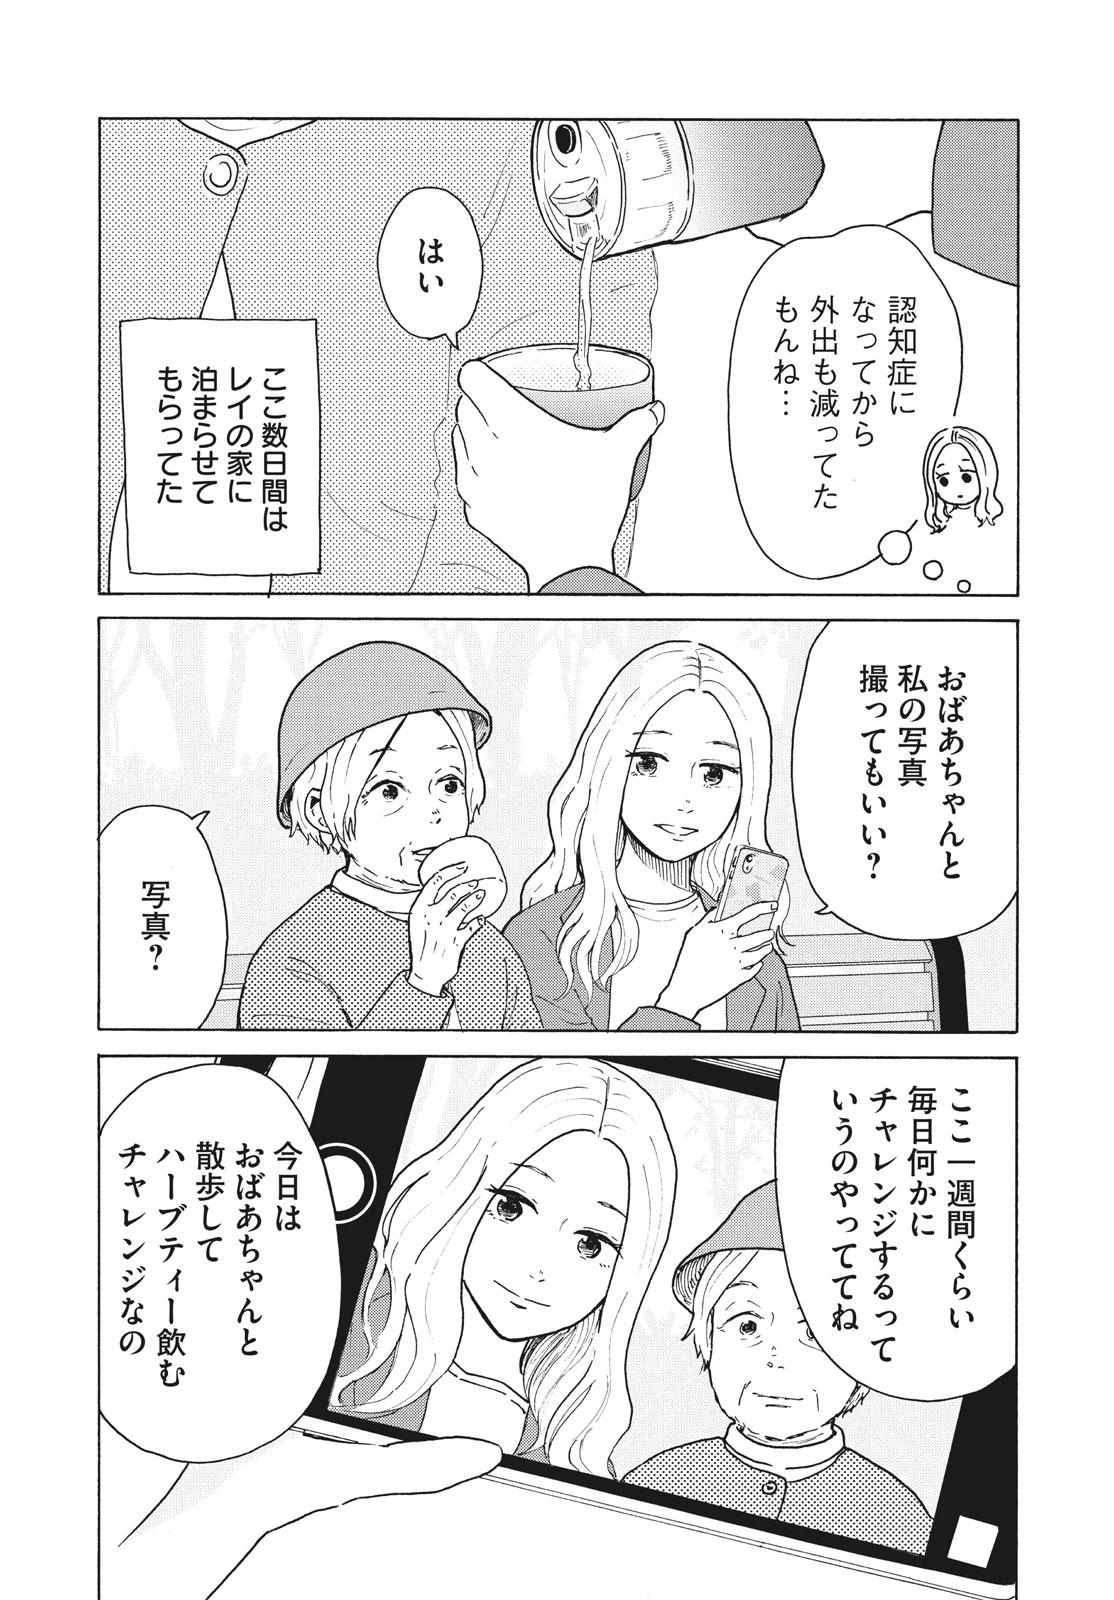 002_30日_2020_010_E.jpg